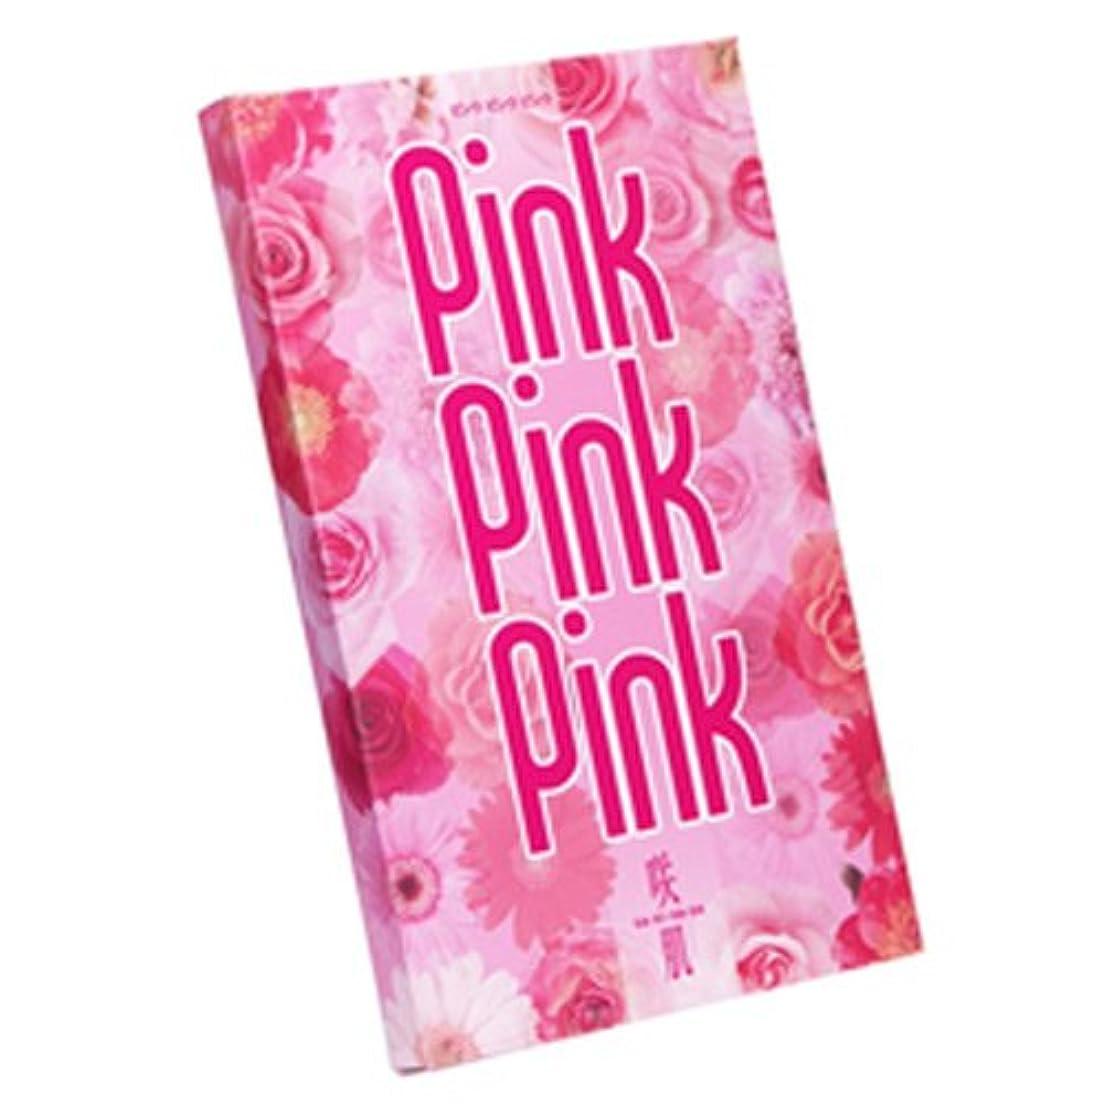 スタッフ放射性ぜいたく咲肌 PinkPinkPink バストうるるんマスク